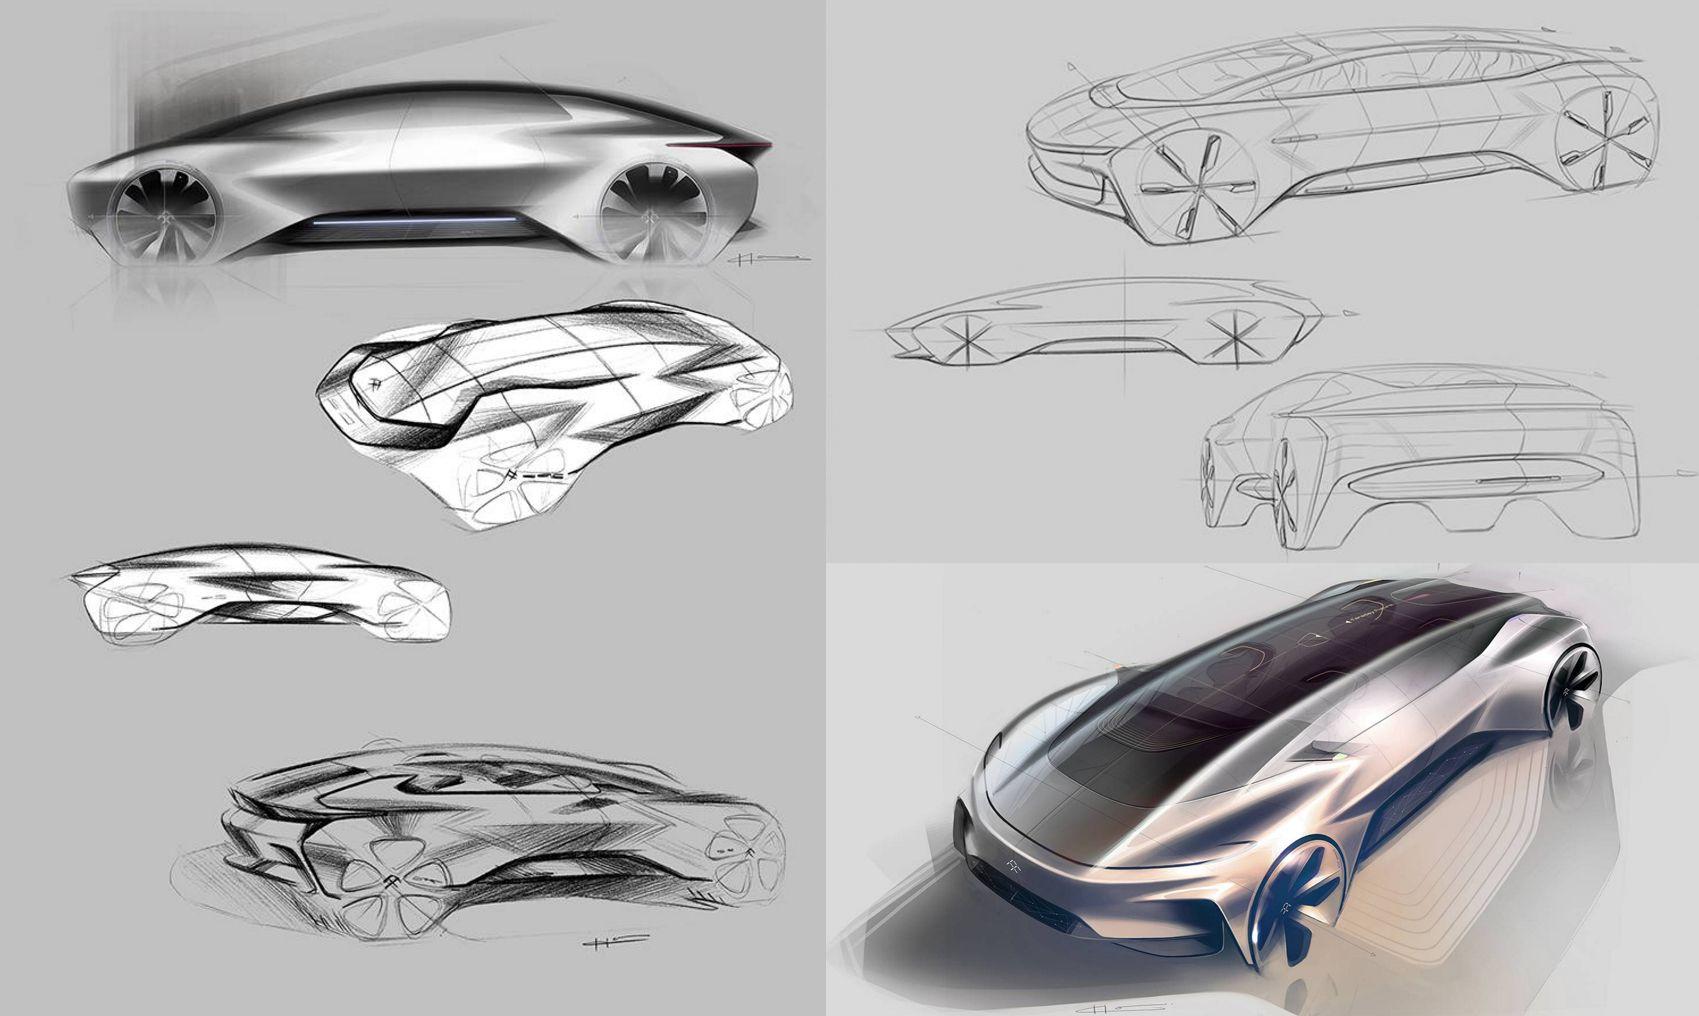 2017 Faraday Future Ff 91 Faraday Future Electric Car Design Car